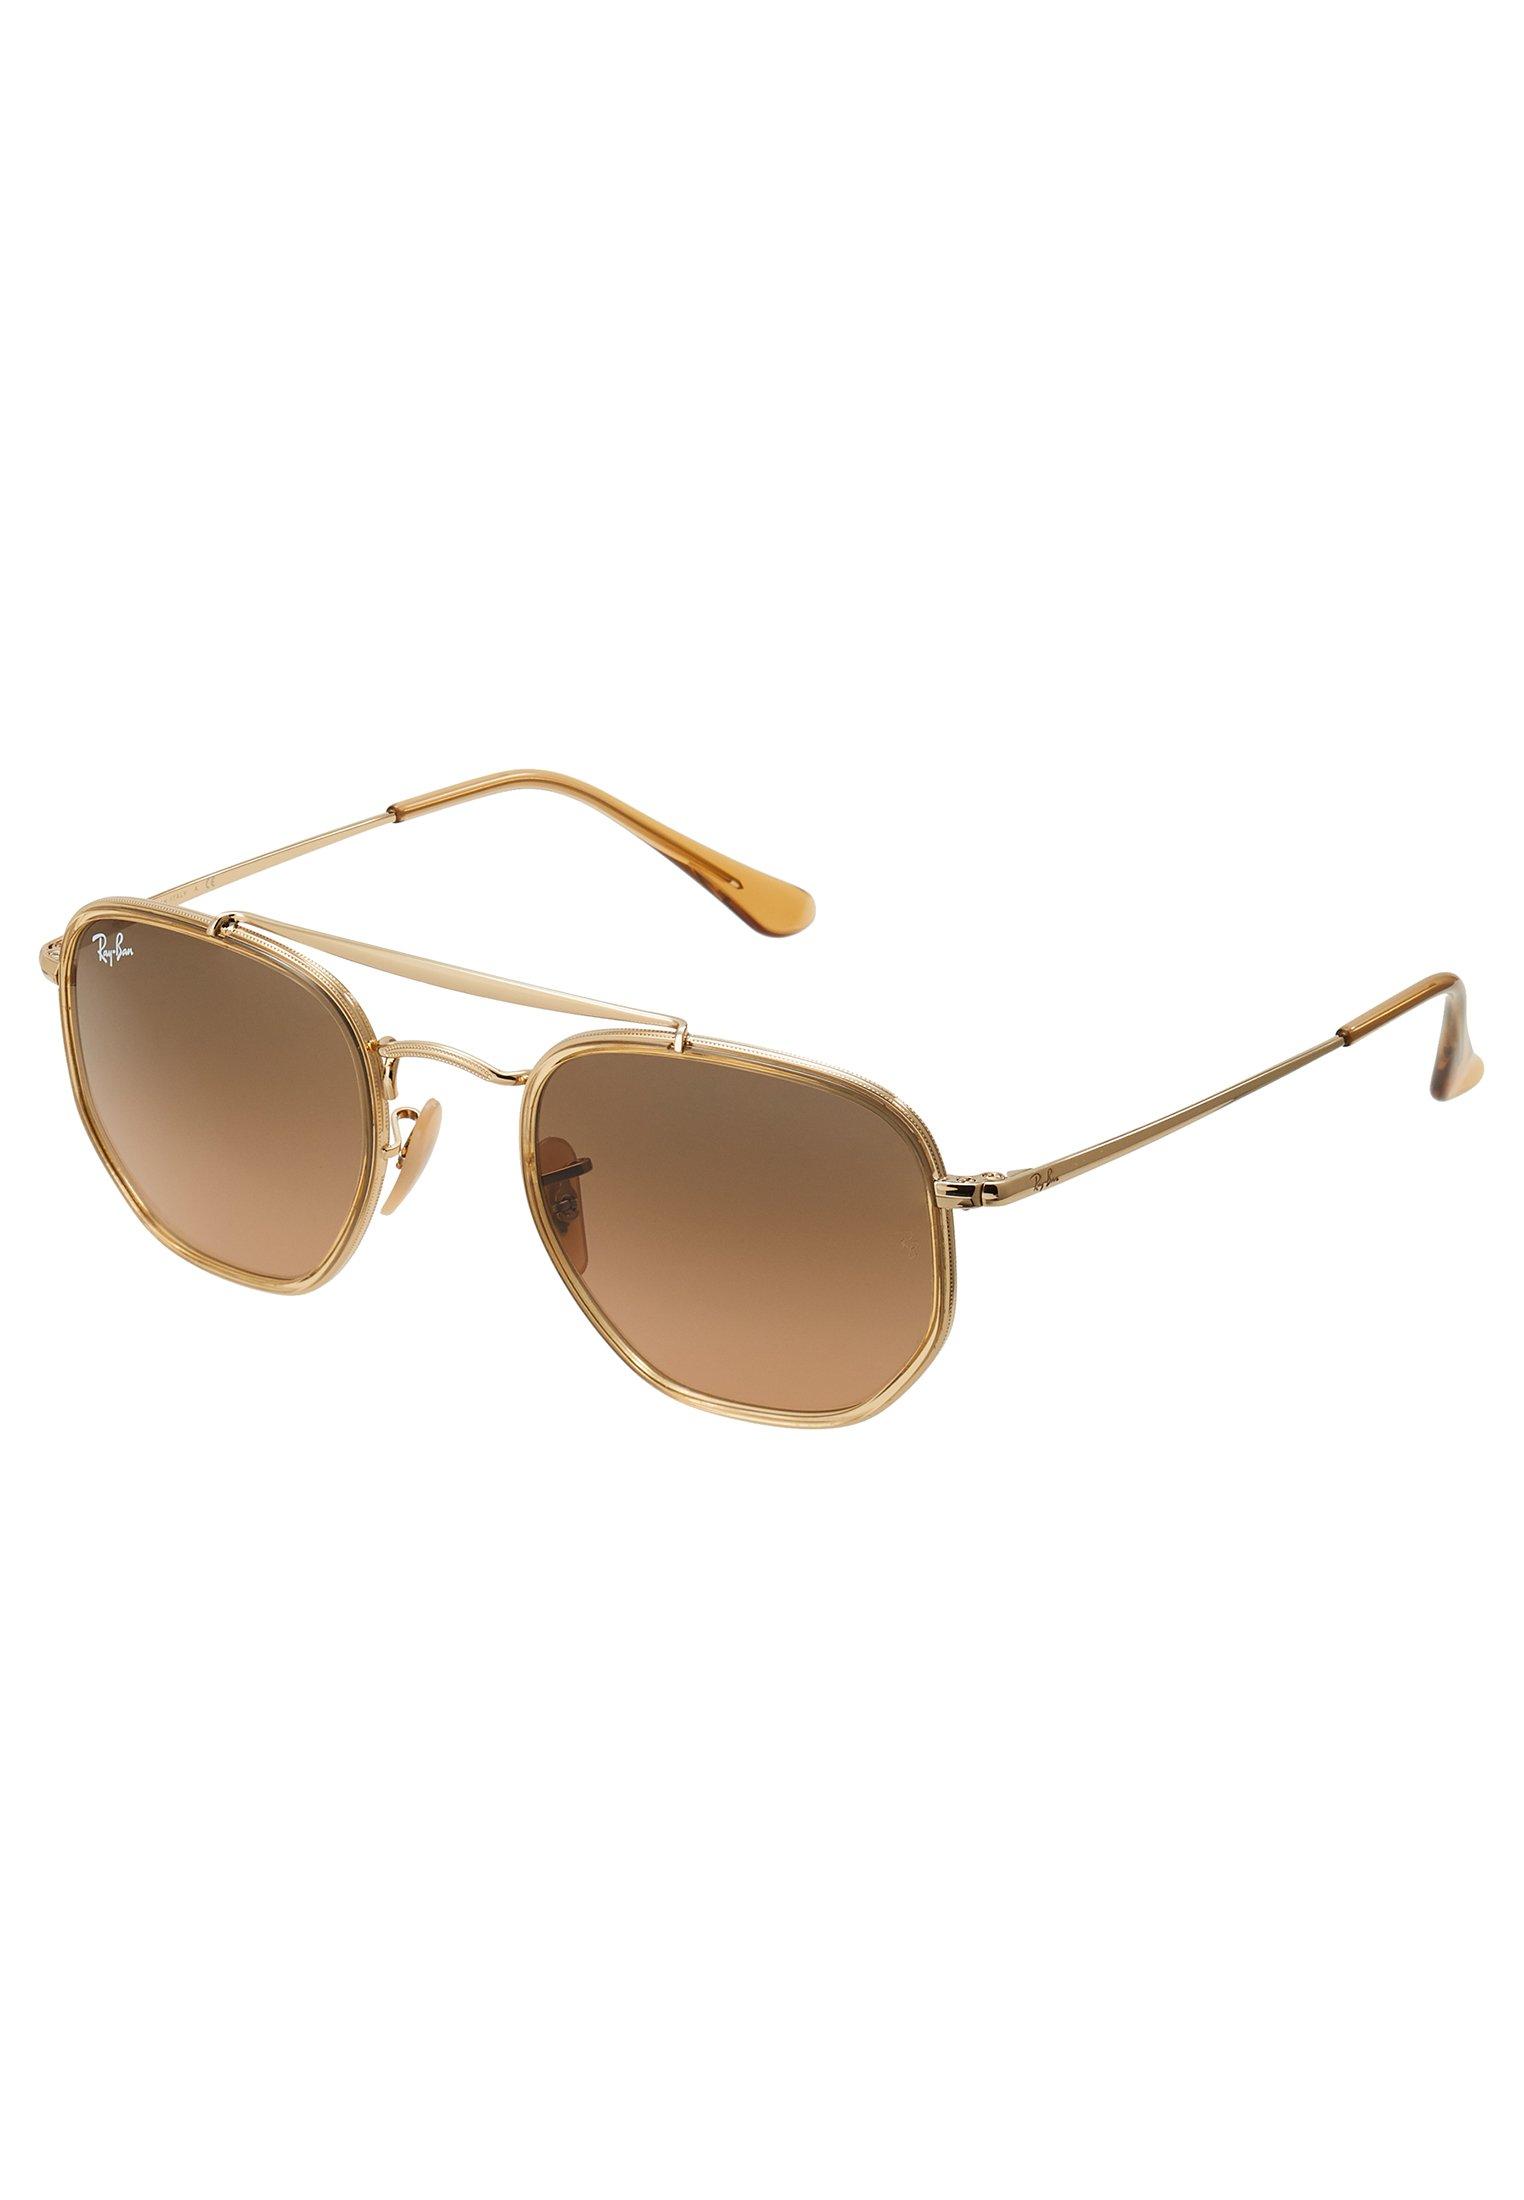 Ray-Ban Solbriller - gold-coloured/brown/gullfarget MkYCfI0XWRIVLmc